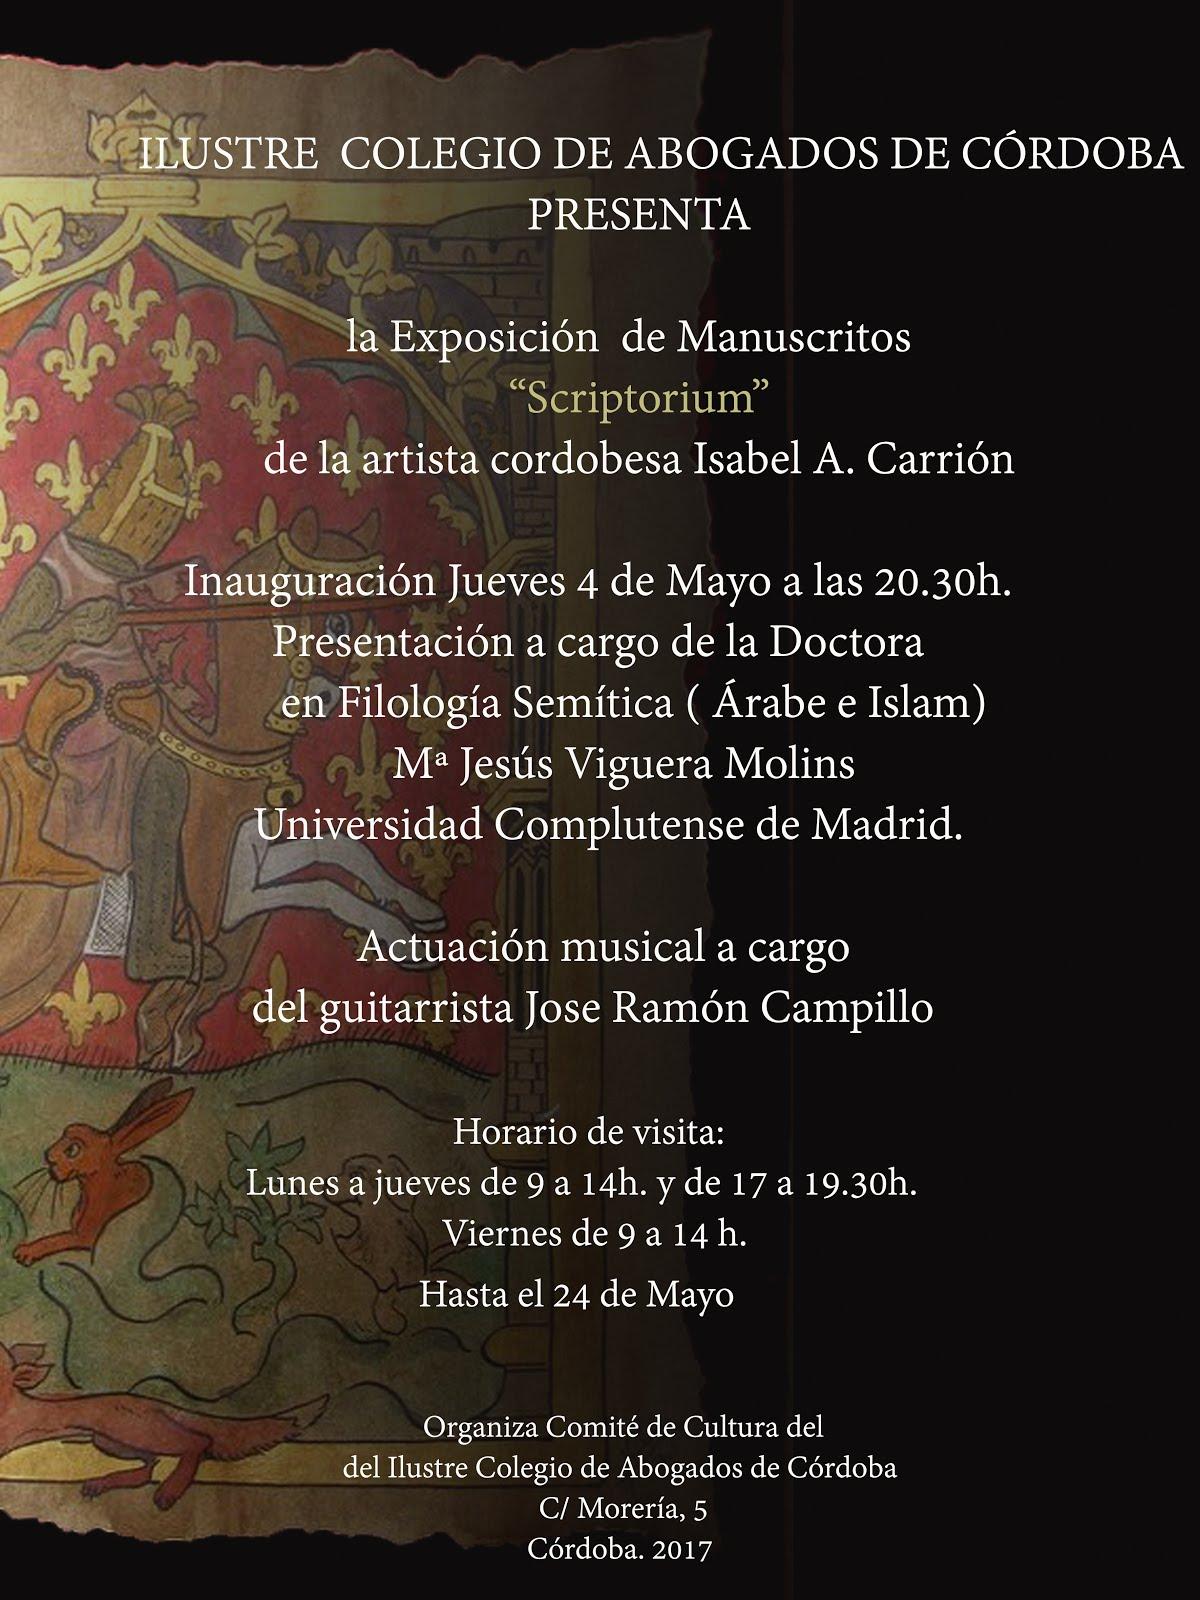 Ilustre Colegio de Abogados de Córdoba :  Mayo 2017